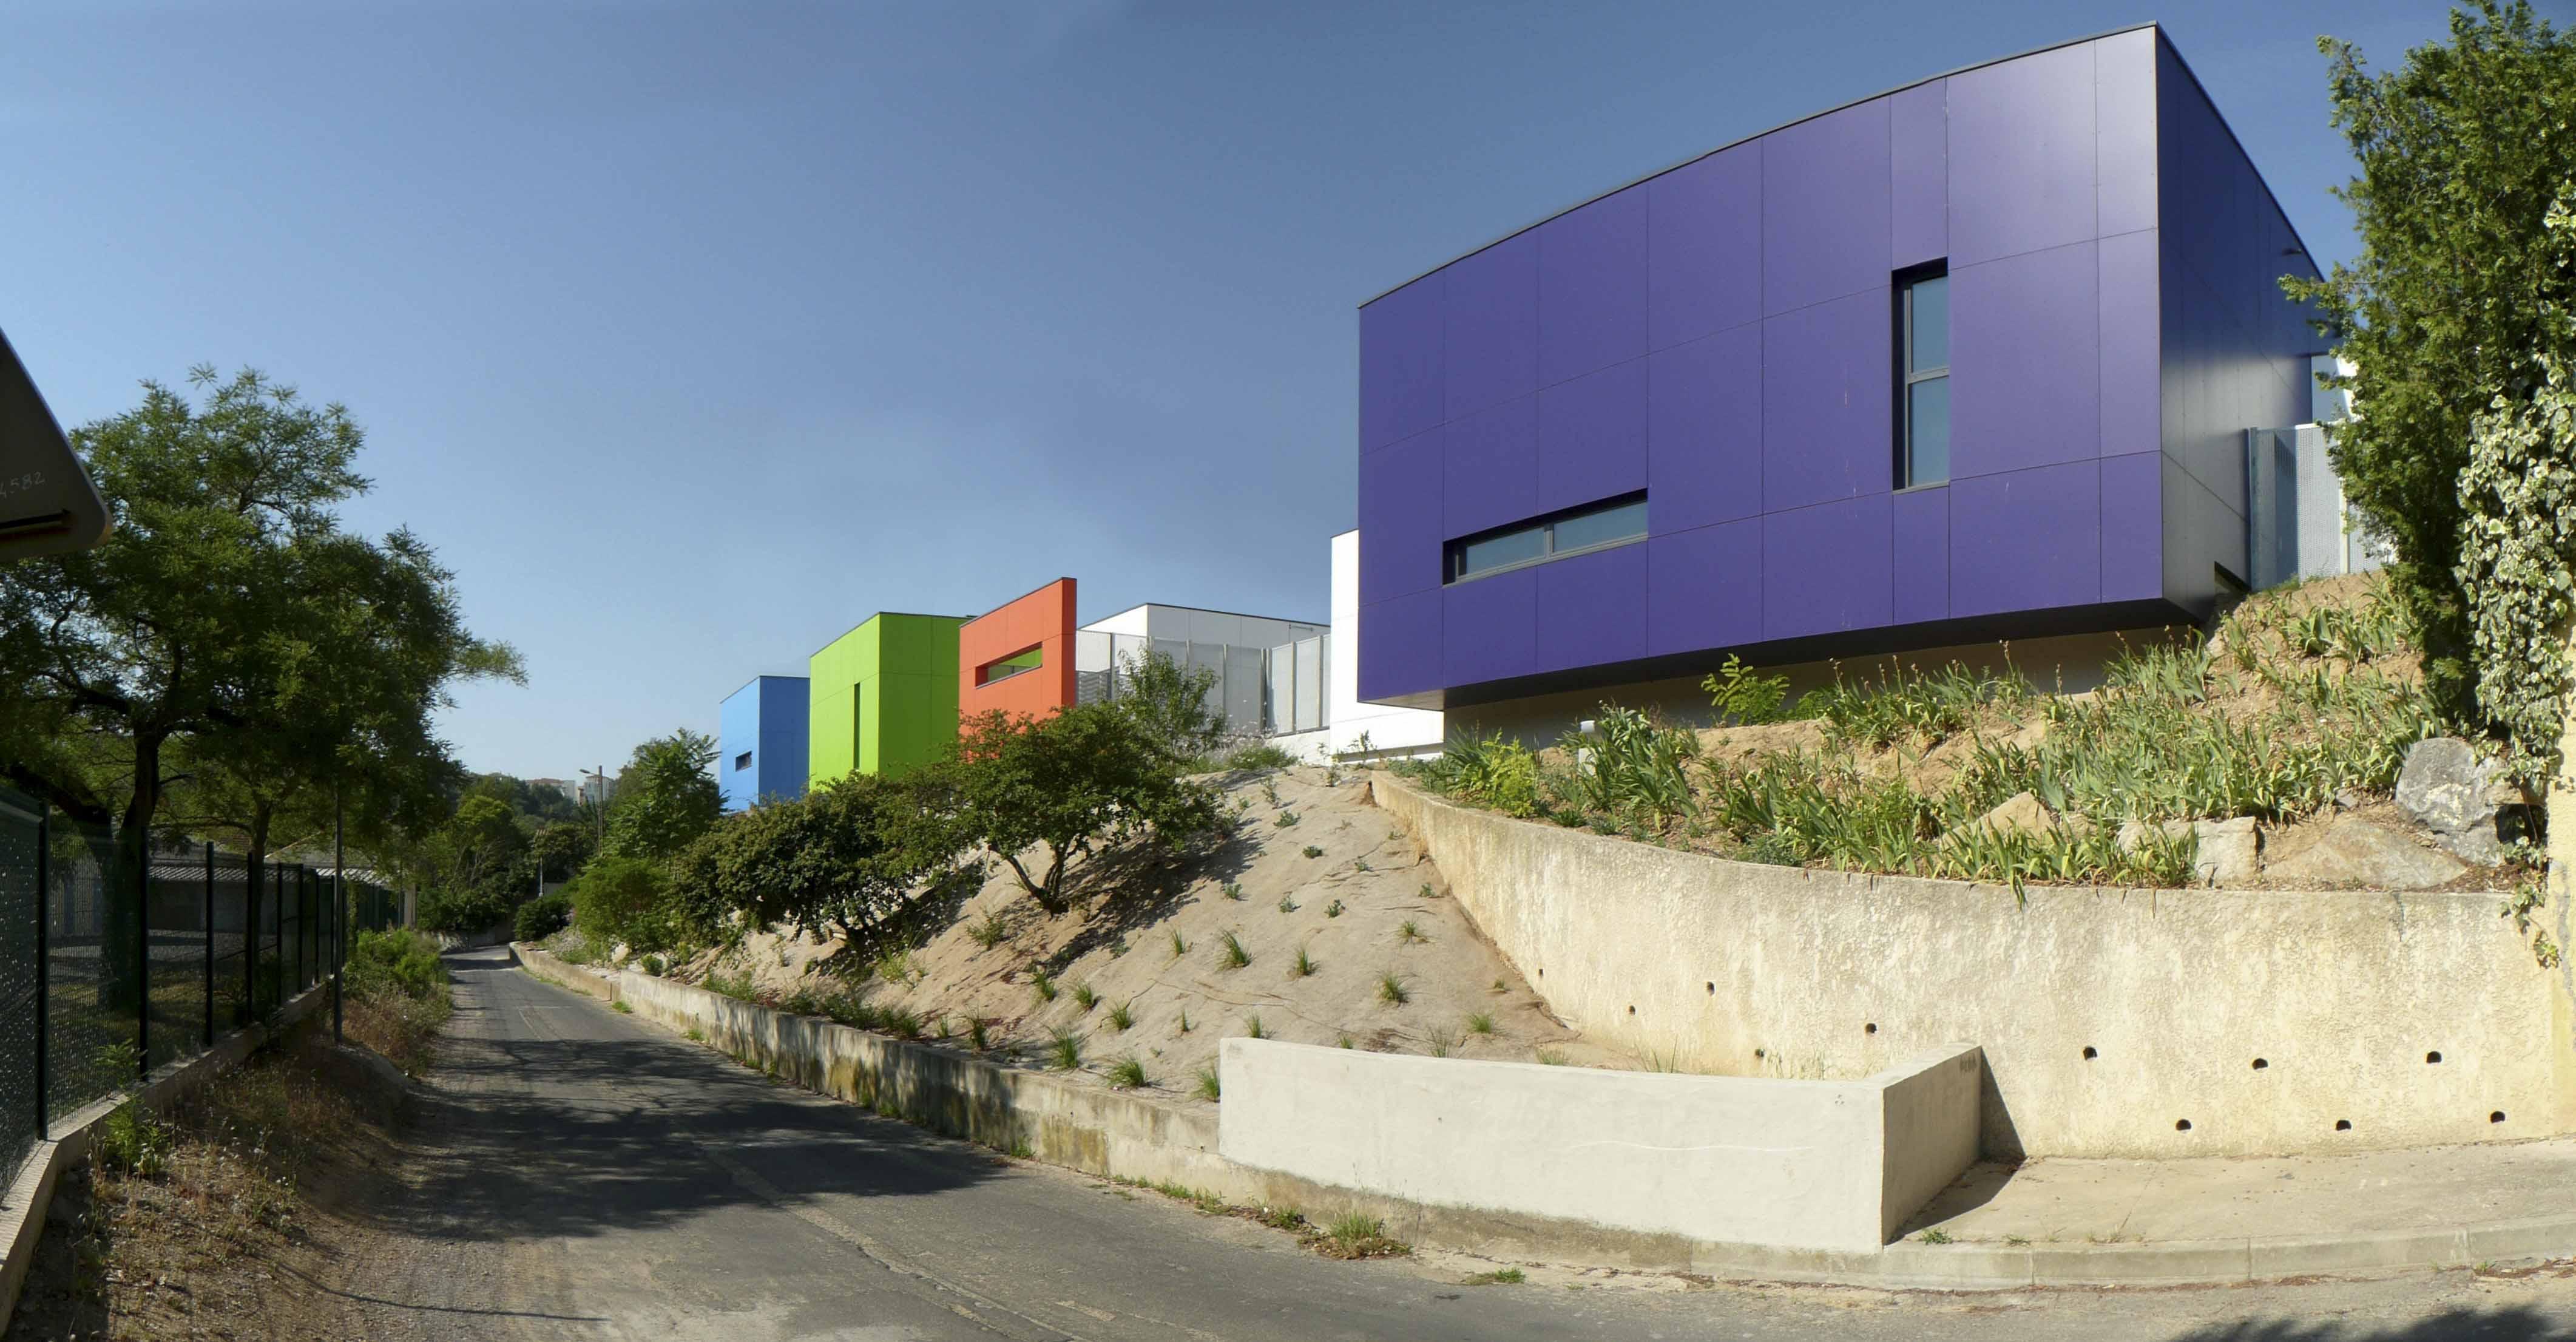 Maison de quartier Beziers BF Architecture 3